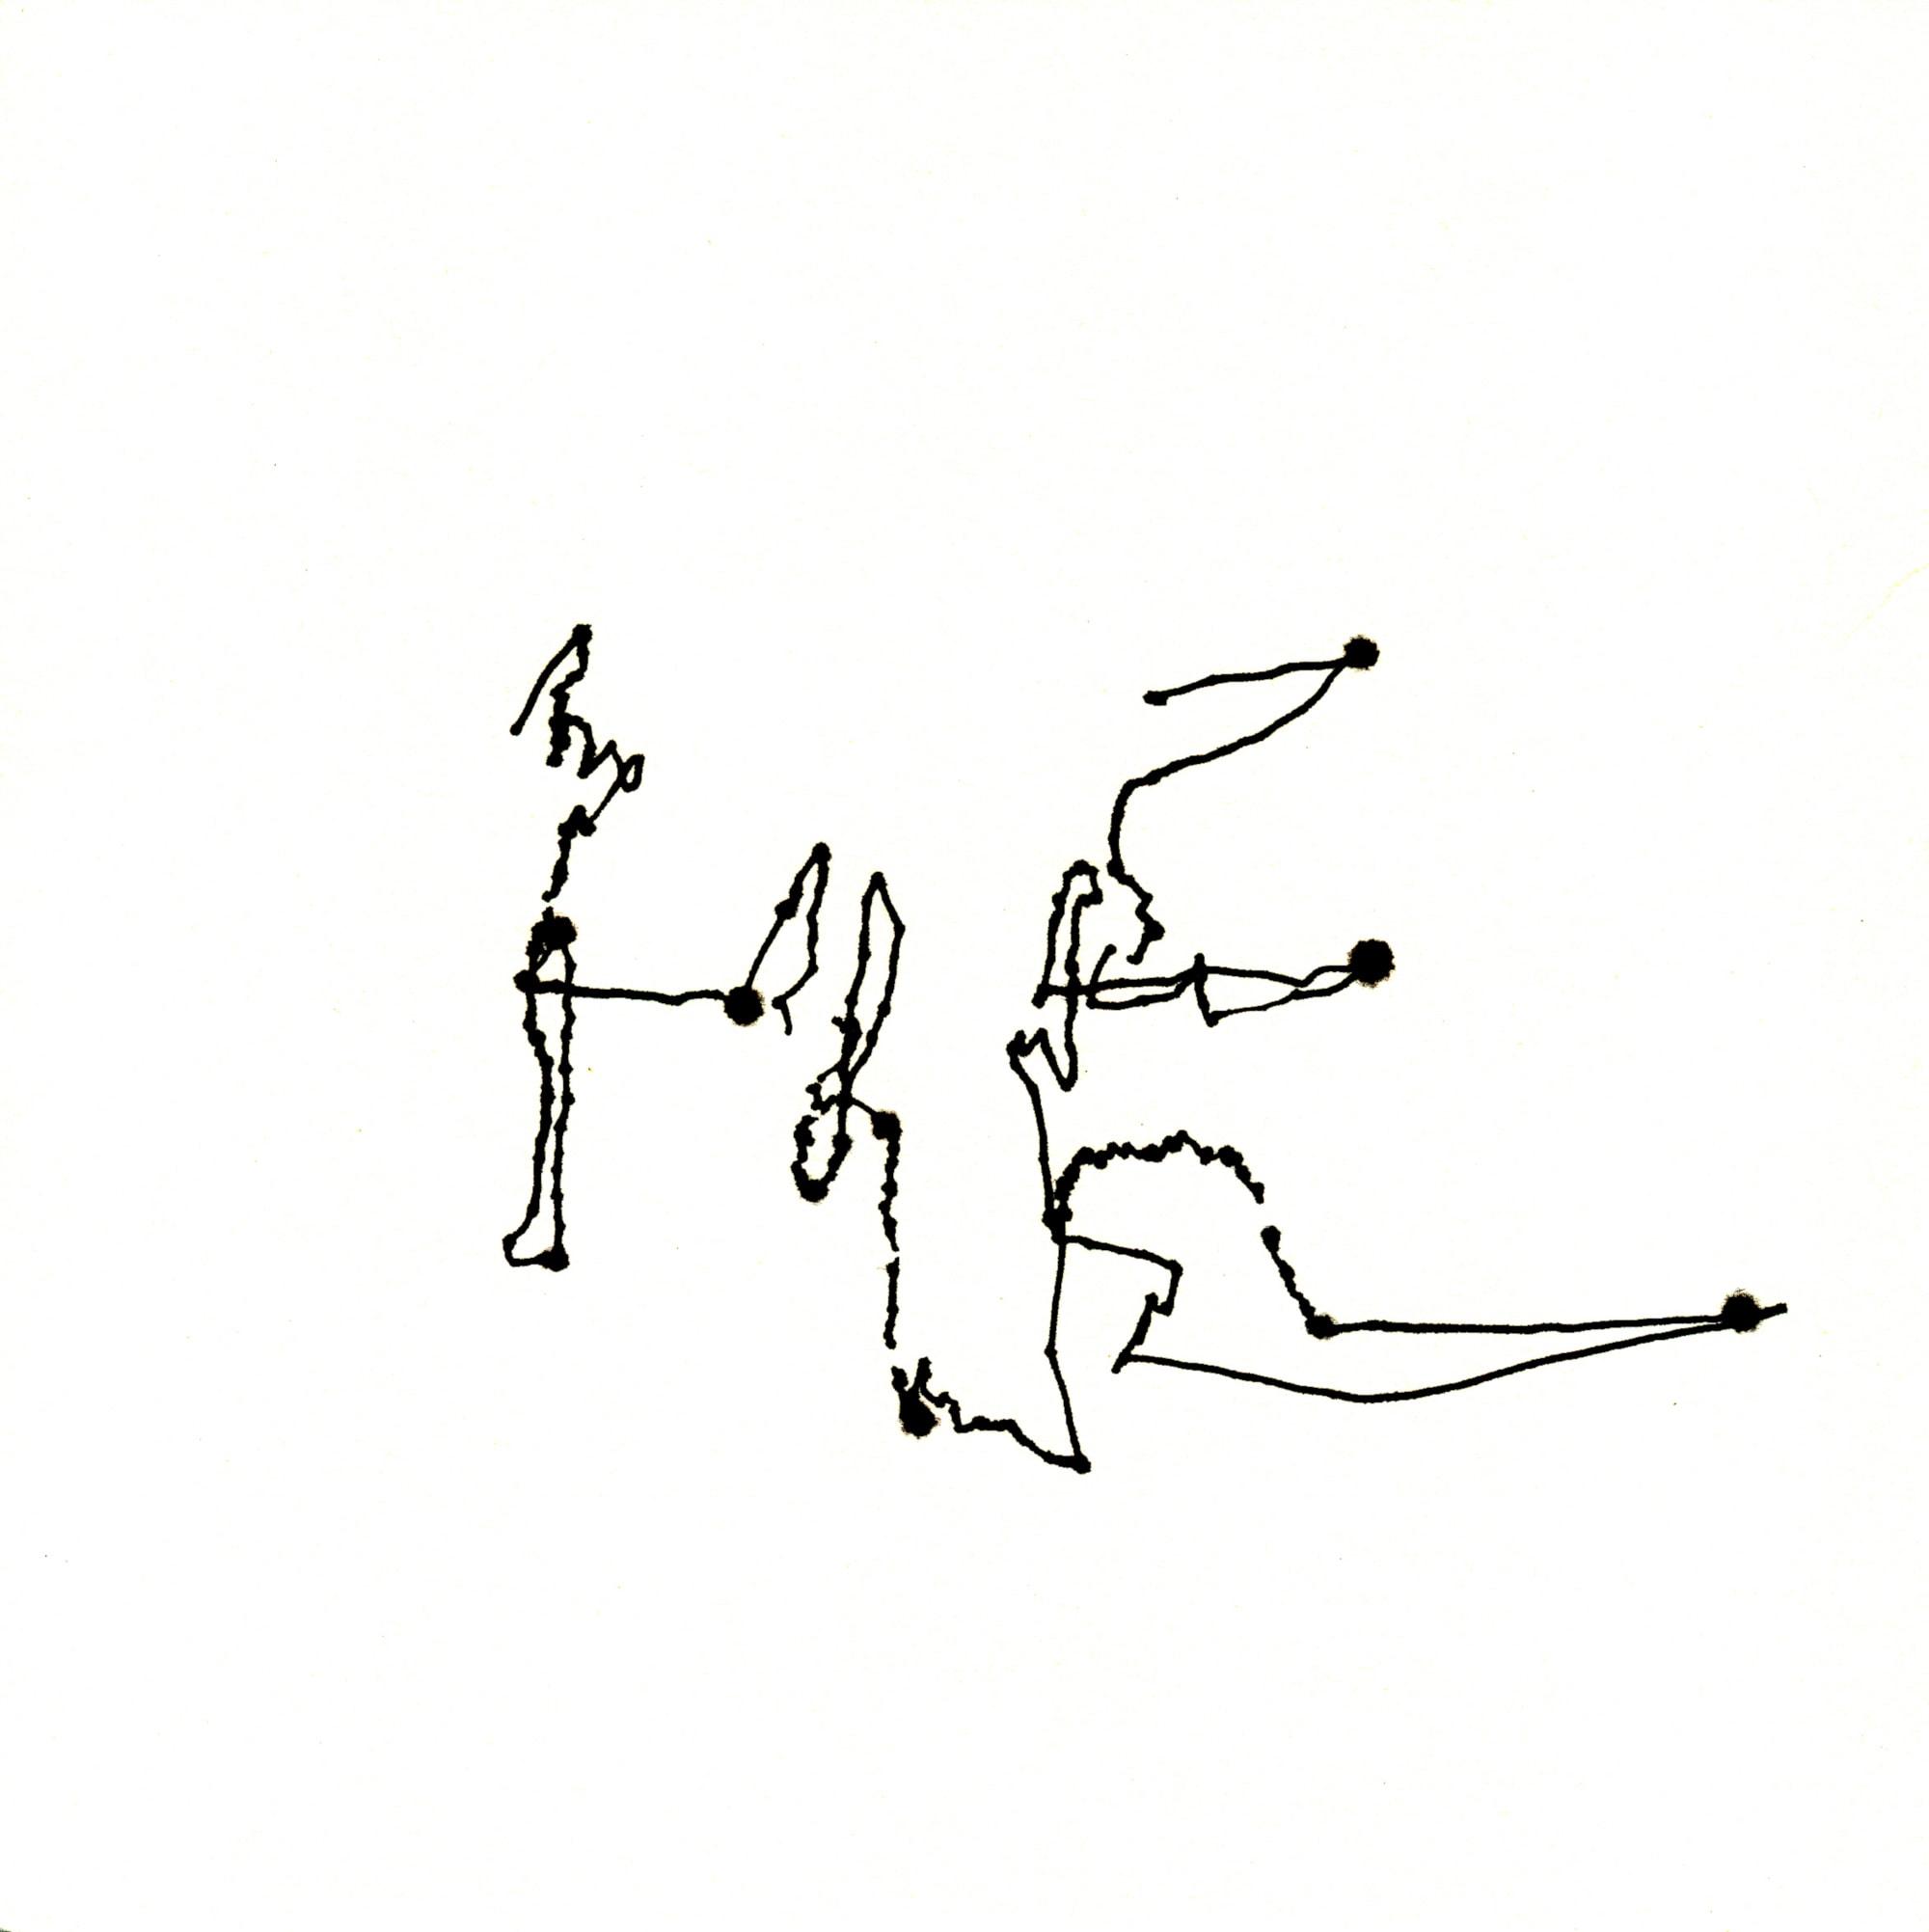 Zeichnung, Tusche auf Papier, 20cm x 20cm, seismographische Aufzeichnungen in öffentlichen Verkehr, artist: Franziska King